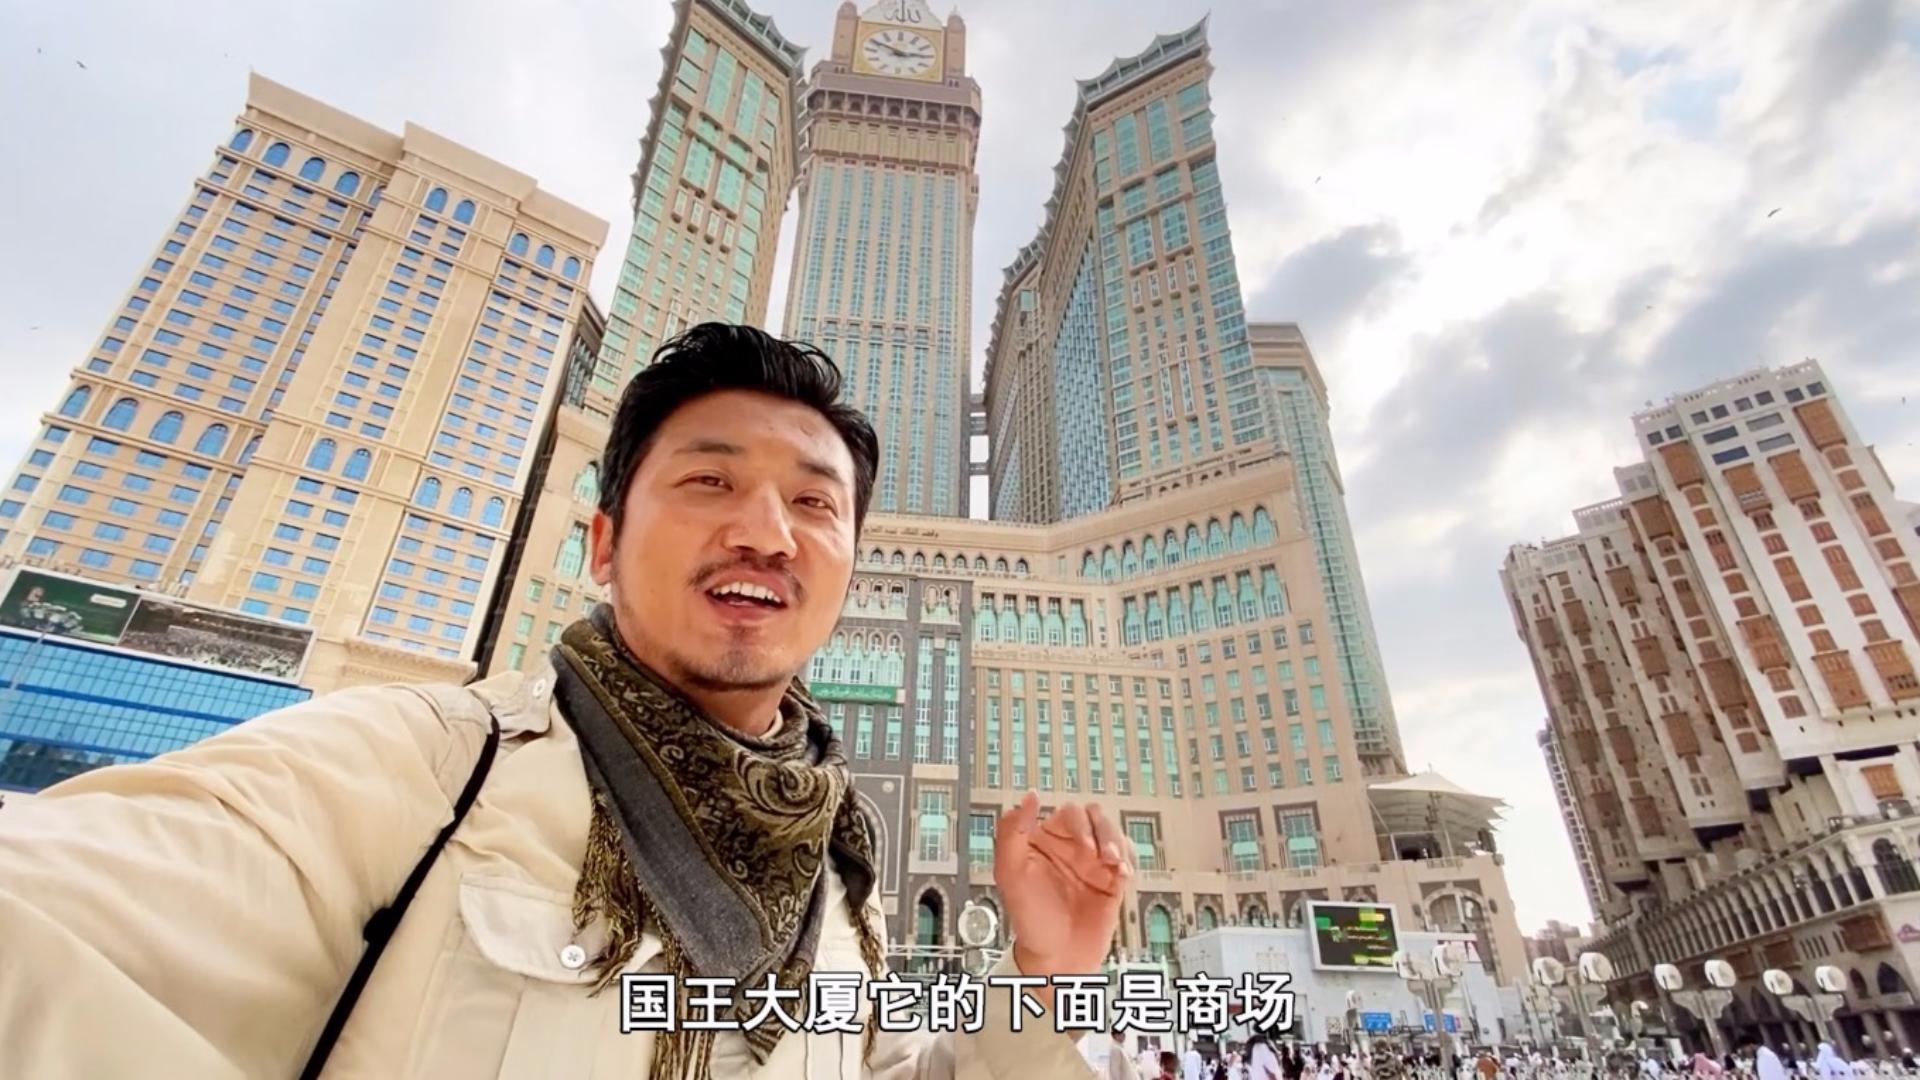 探秘麦加皇家钟塔饭店,世界第二高楼,物价普通人能消费的起吗?